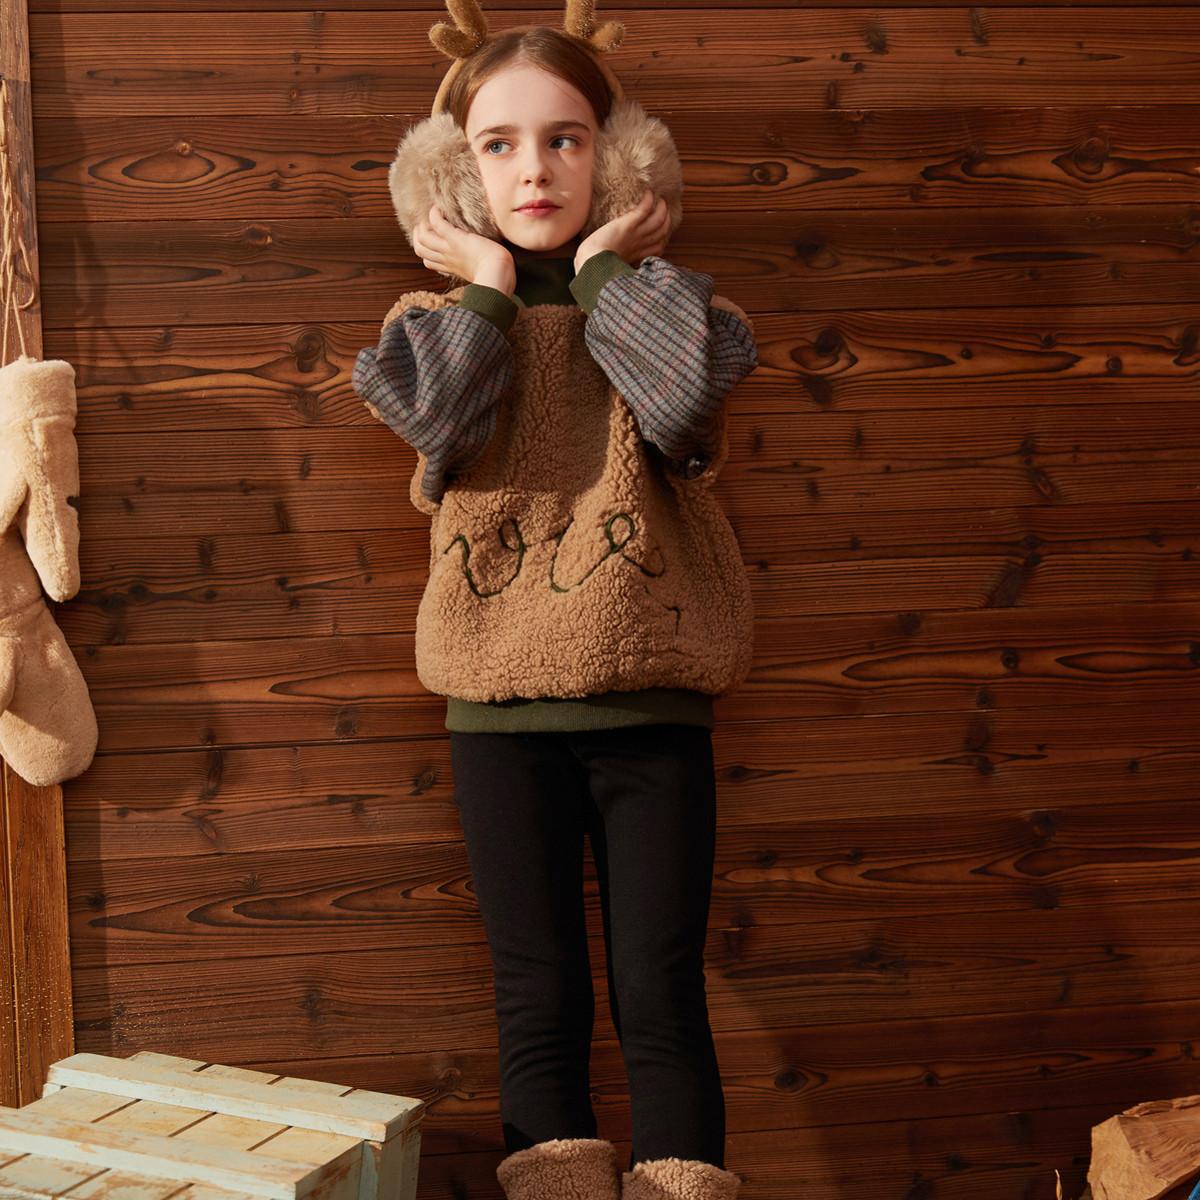 巴帝巴帝巴拉巴拉旗下19冬女童中大童时尚撞色儿童摇粒绒加厚保暖套装30419VD0130BD034